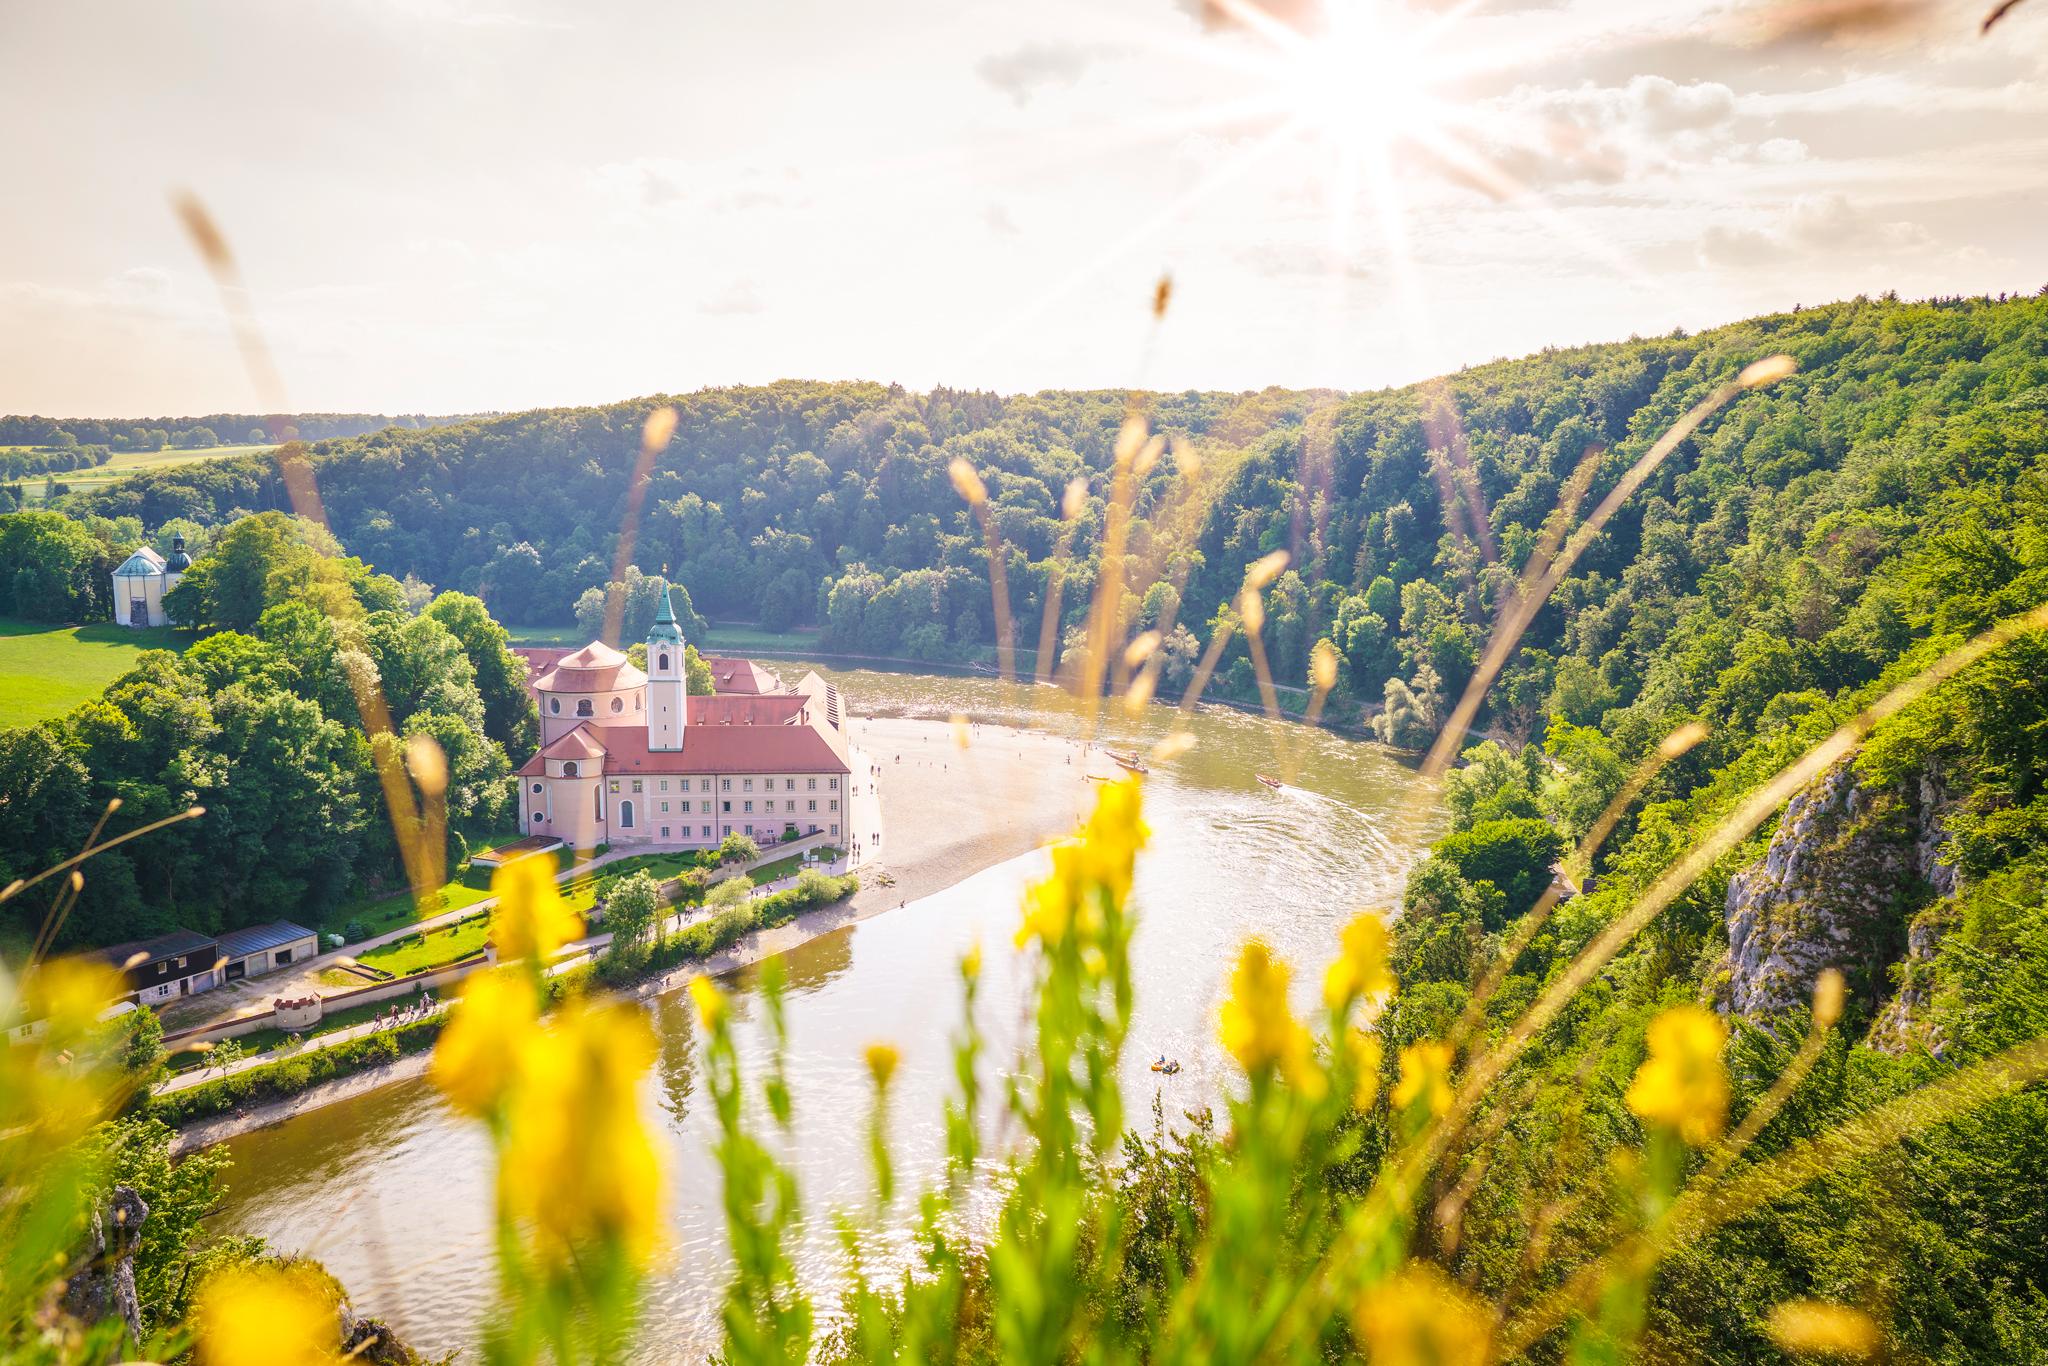 Das genial gelegene Kloster Weltenburg - wer wollte hier nicht mal übernachten ... © Tourismusverband Naturpark Altmühl, Dietmar Denger